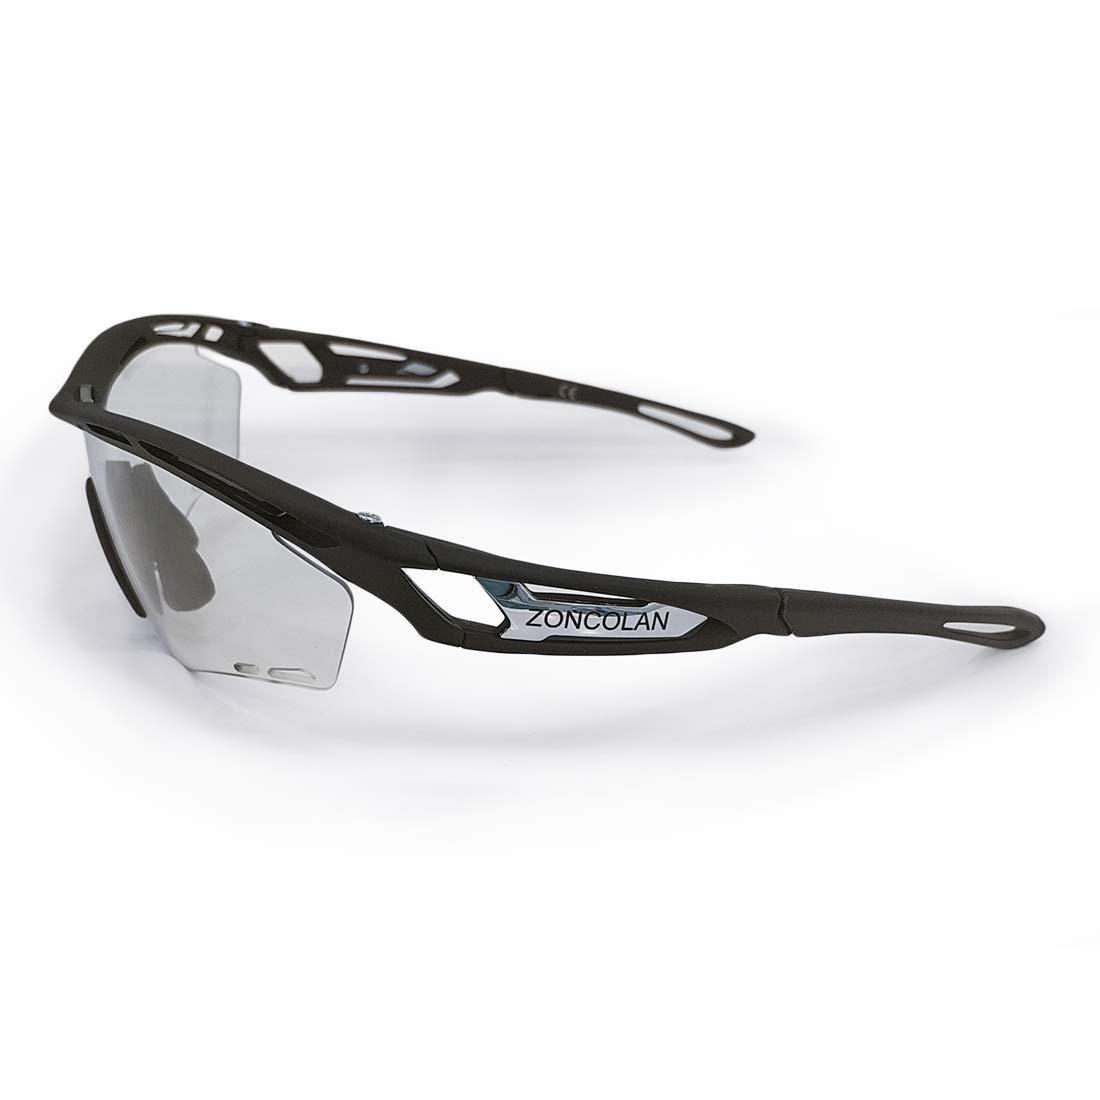 sunglasses restorer Gafas Padel Modelo Zoncolan para Hombre y Mujer, Gafa Ligera y Resistente.: Amazon.es: Deportes y aire libre